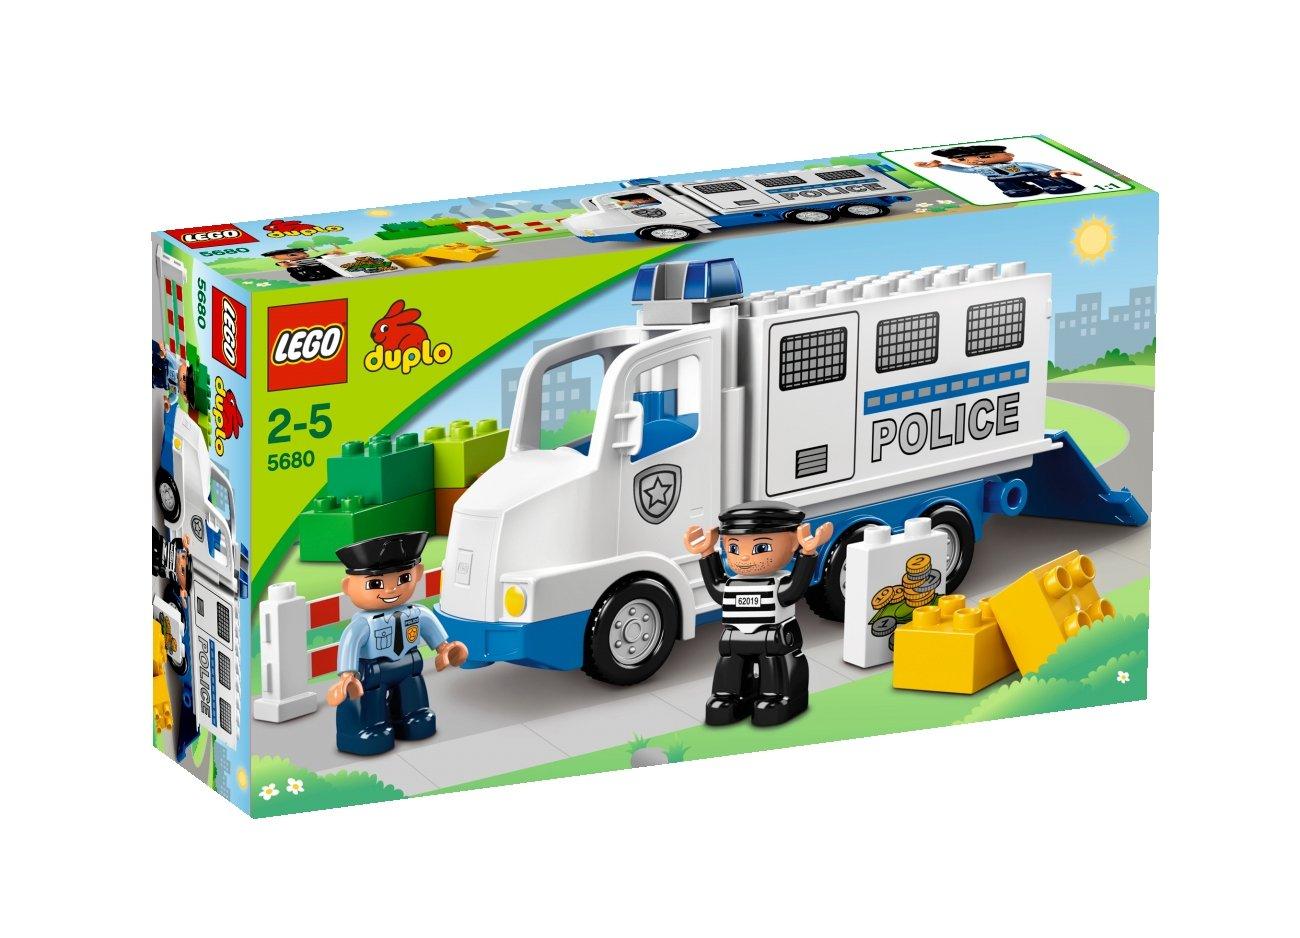 レゴ デュプロ ごそう車 5680 B0042HOTU4